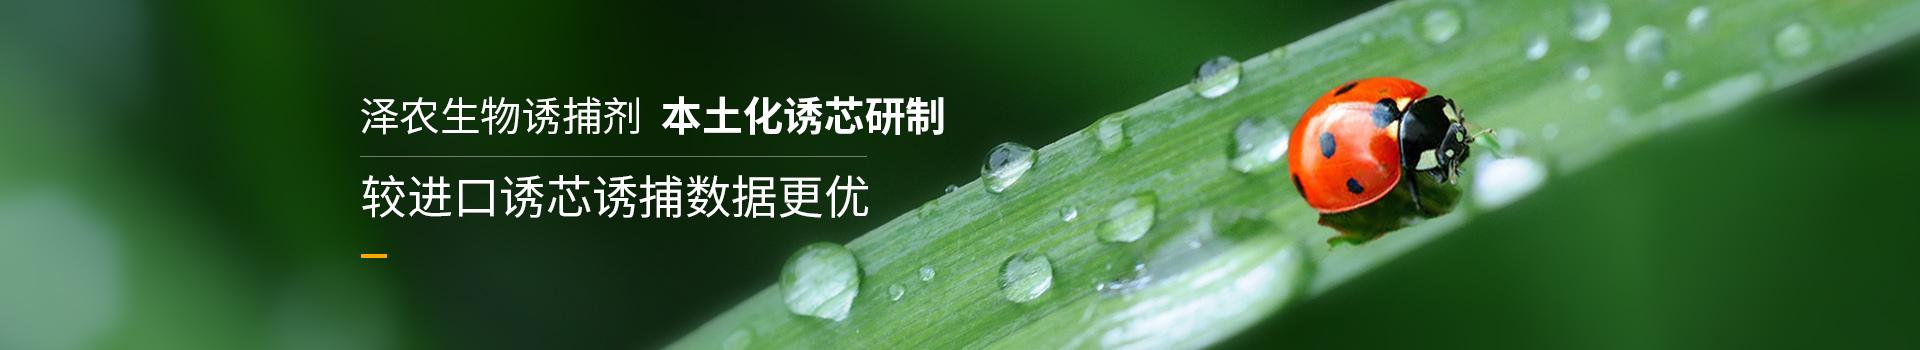 泽农生物本土化诱芯研制